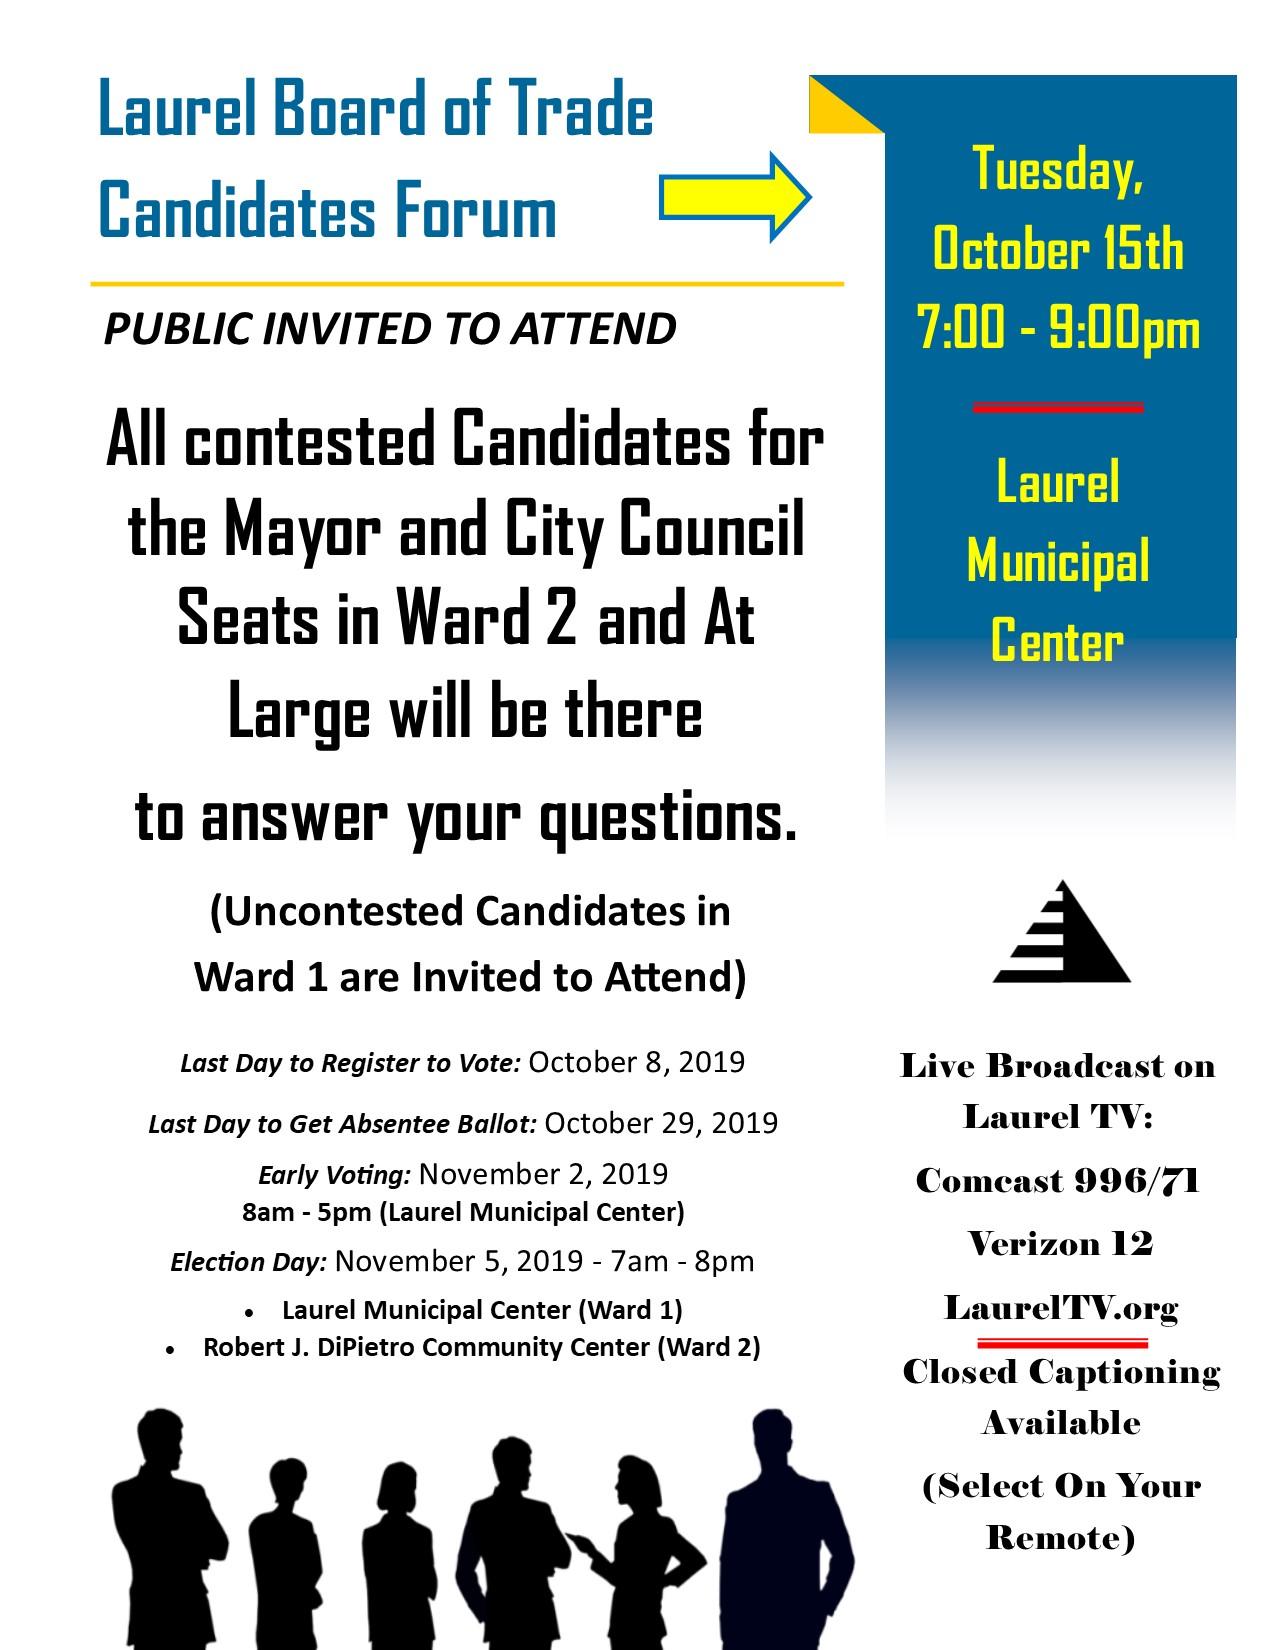 lbot_candidate_forum_2019.jpg